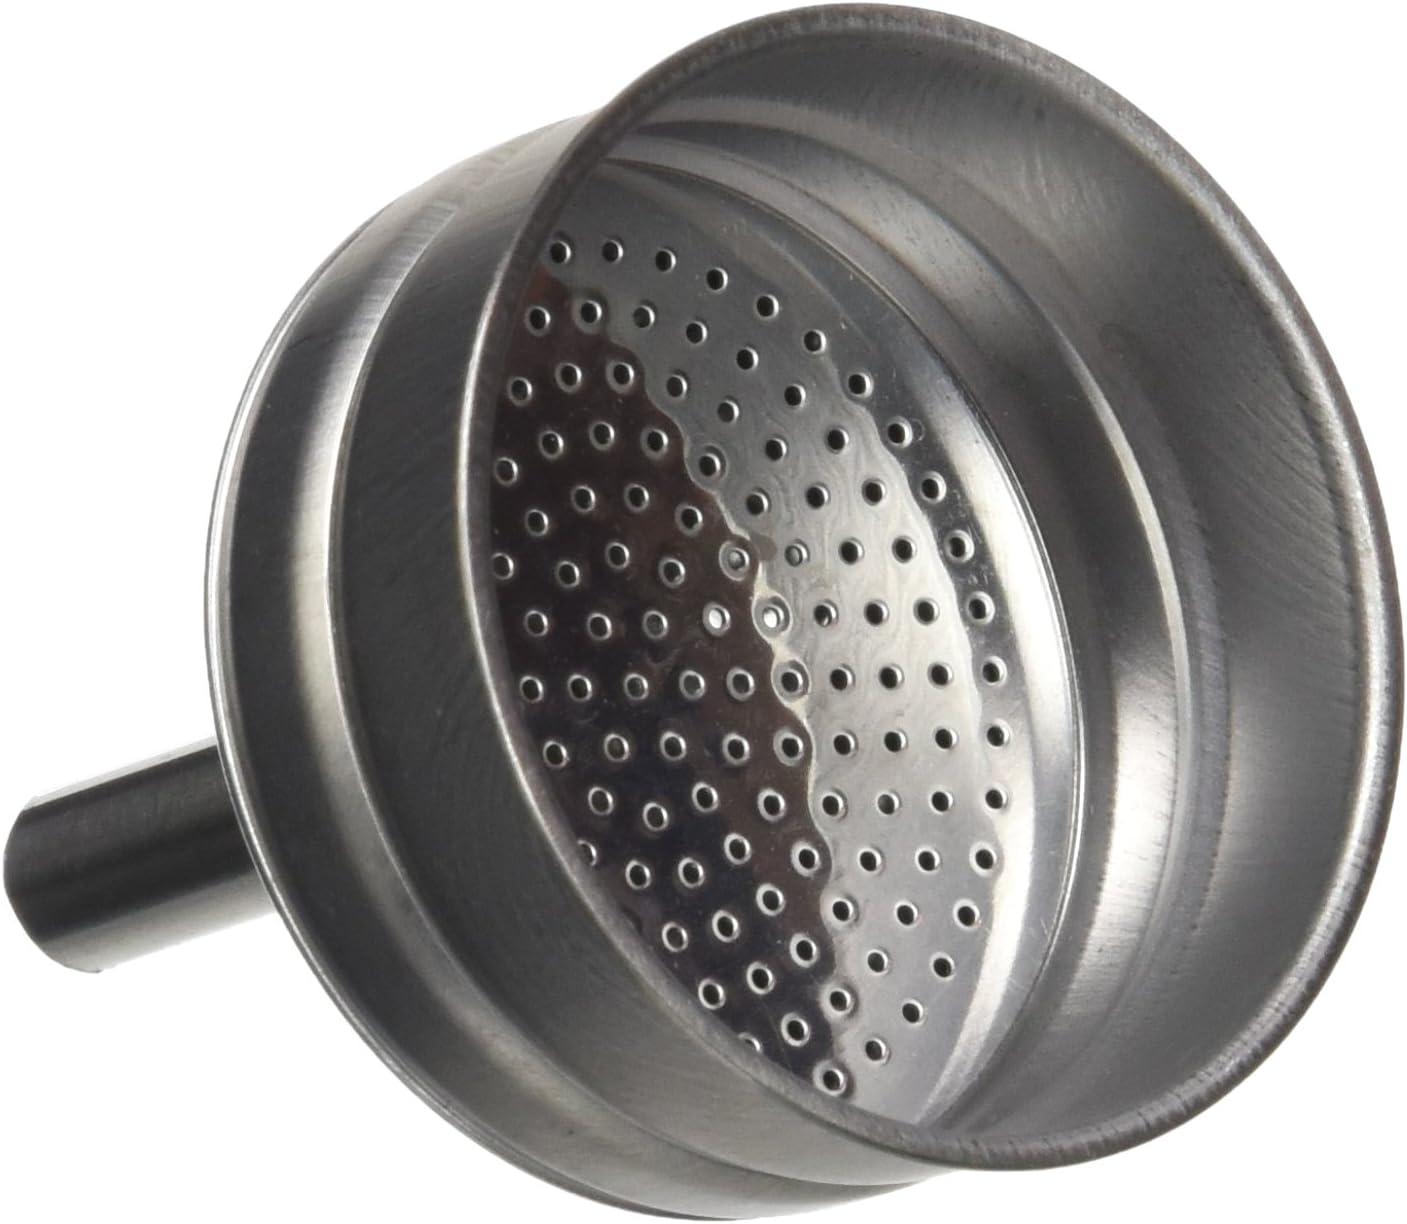 LACOR – Parte Inferior Filtro para cafetera de 4 Tazas Luxe ...